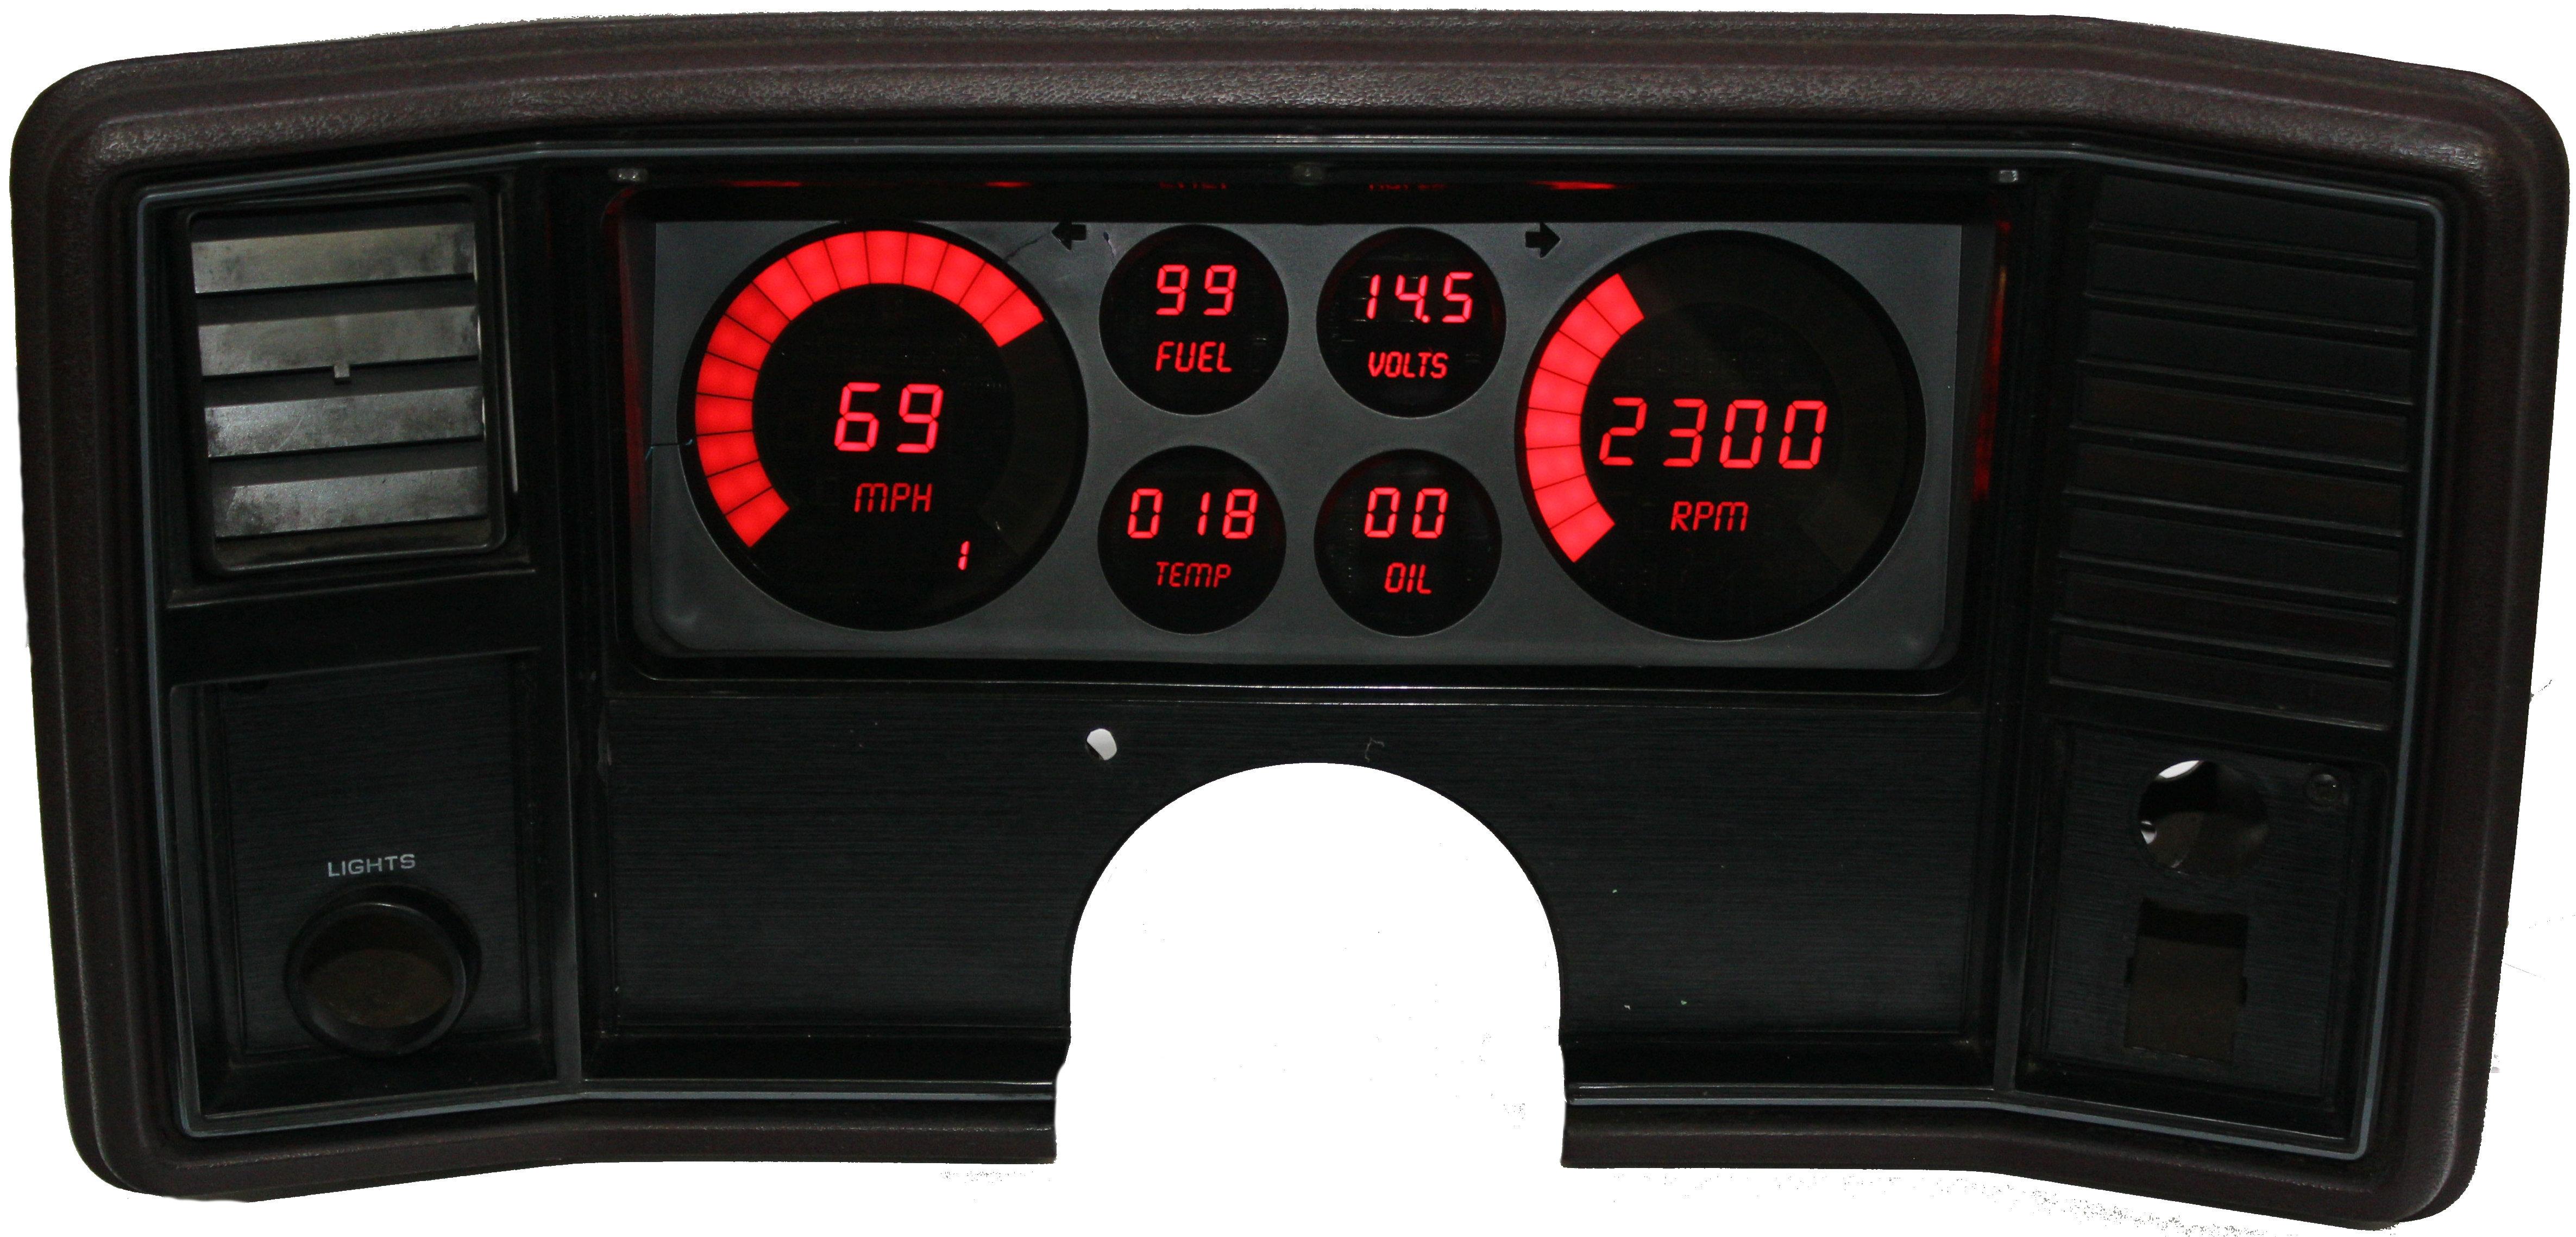 78-88 Monte Carlo/El Camino LED Digital Panel on